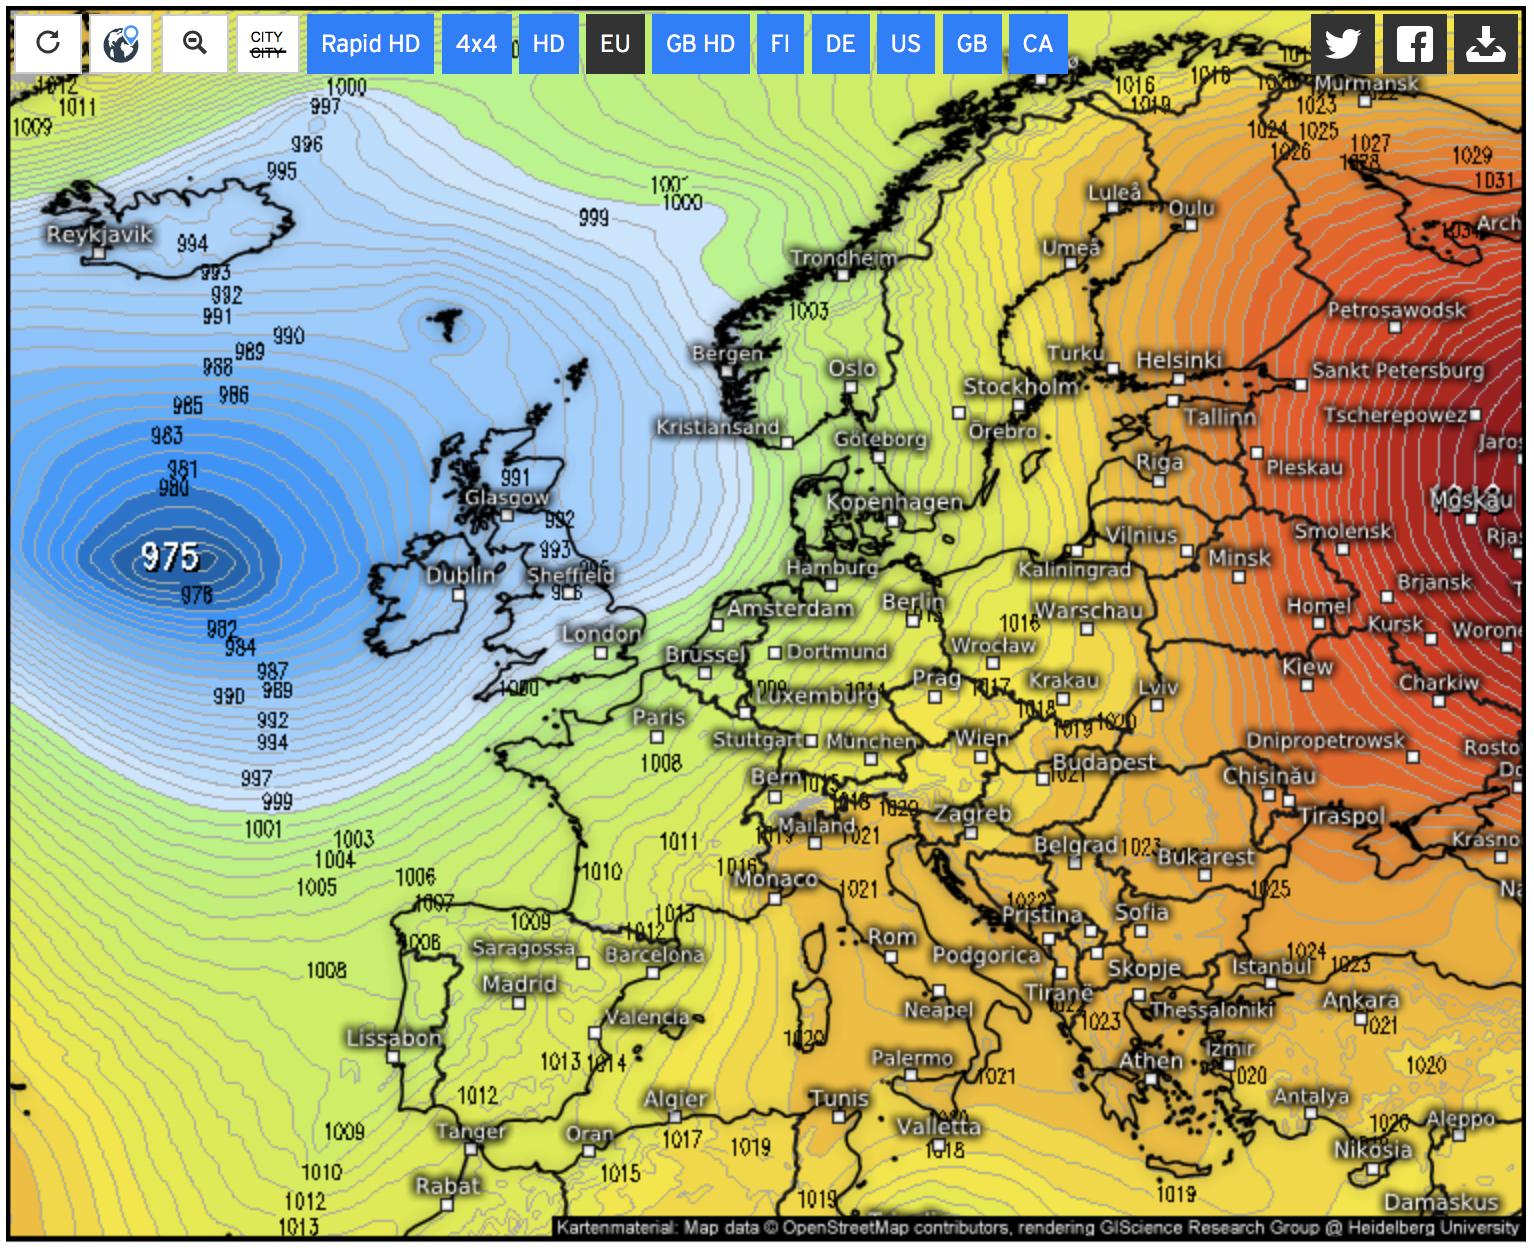 Luchtdrukverdeling Europa zondag 11 nov (bron: Kachelmannwetter.com)